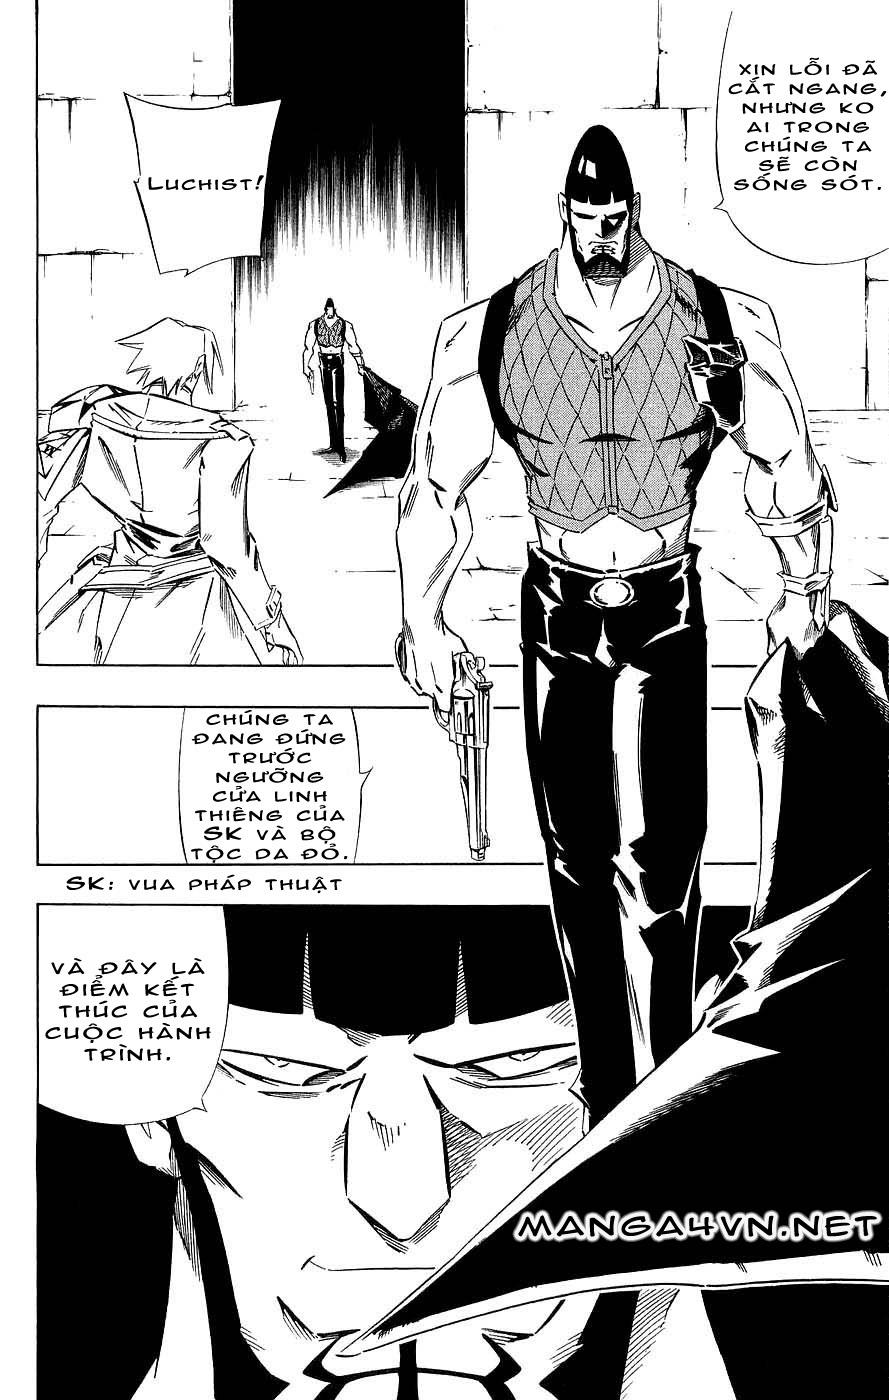 Shaman King [Vua pháp thuật] chap 264 trang 15